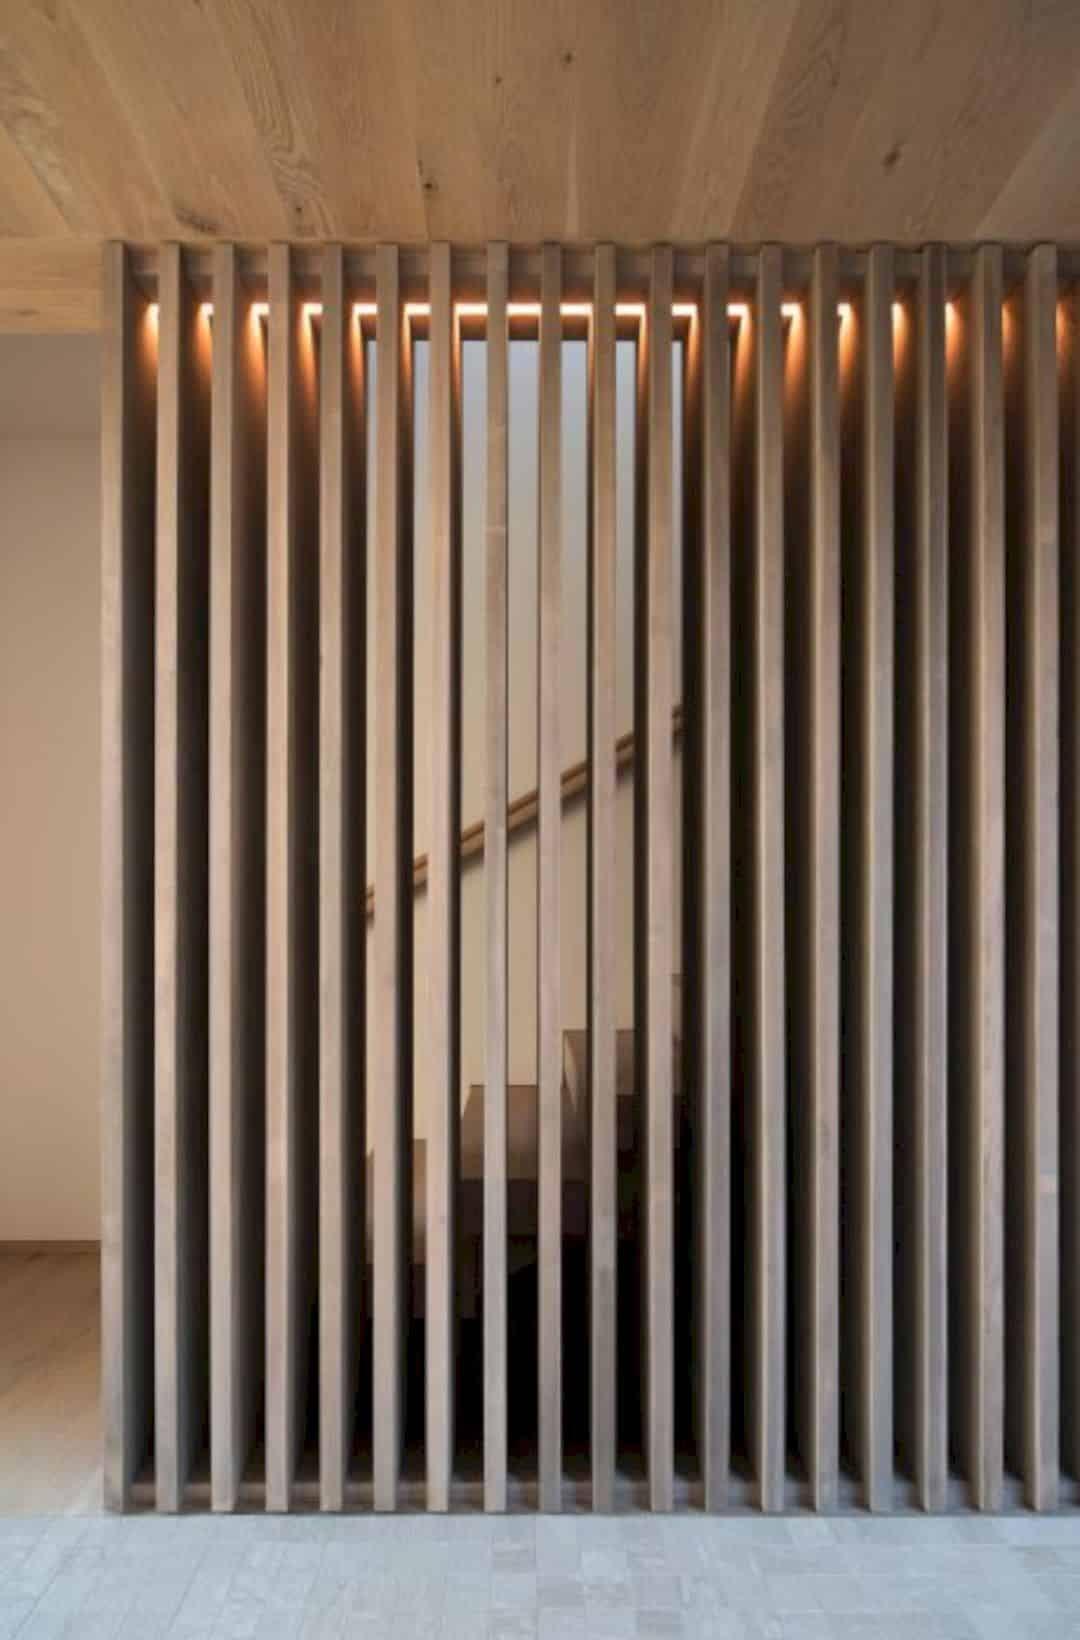 Bent Wood Stairwell Design Modern Interior Interior Design Urban Interiors